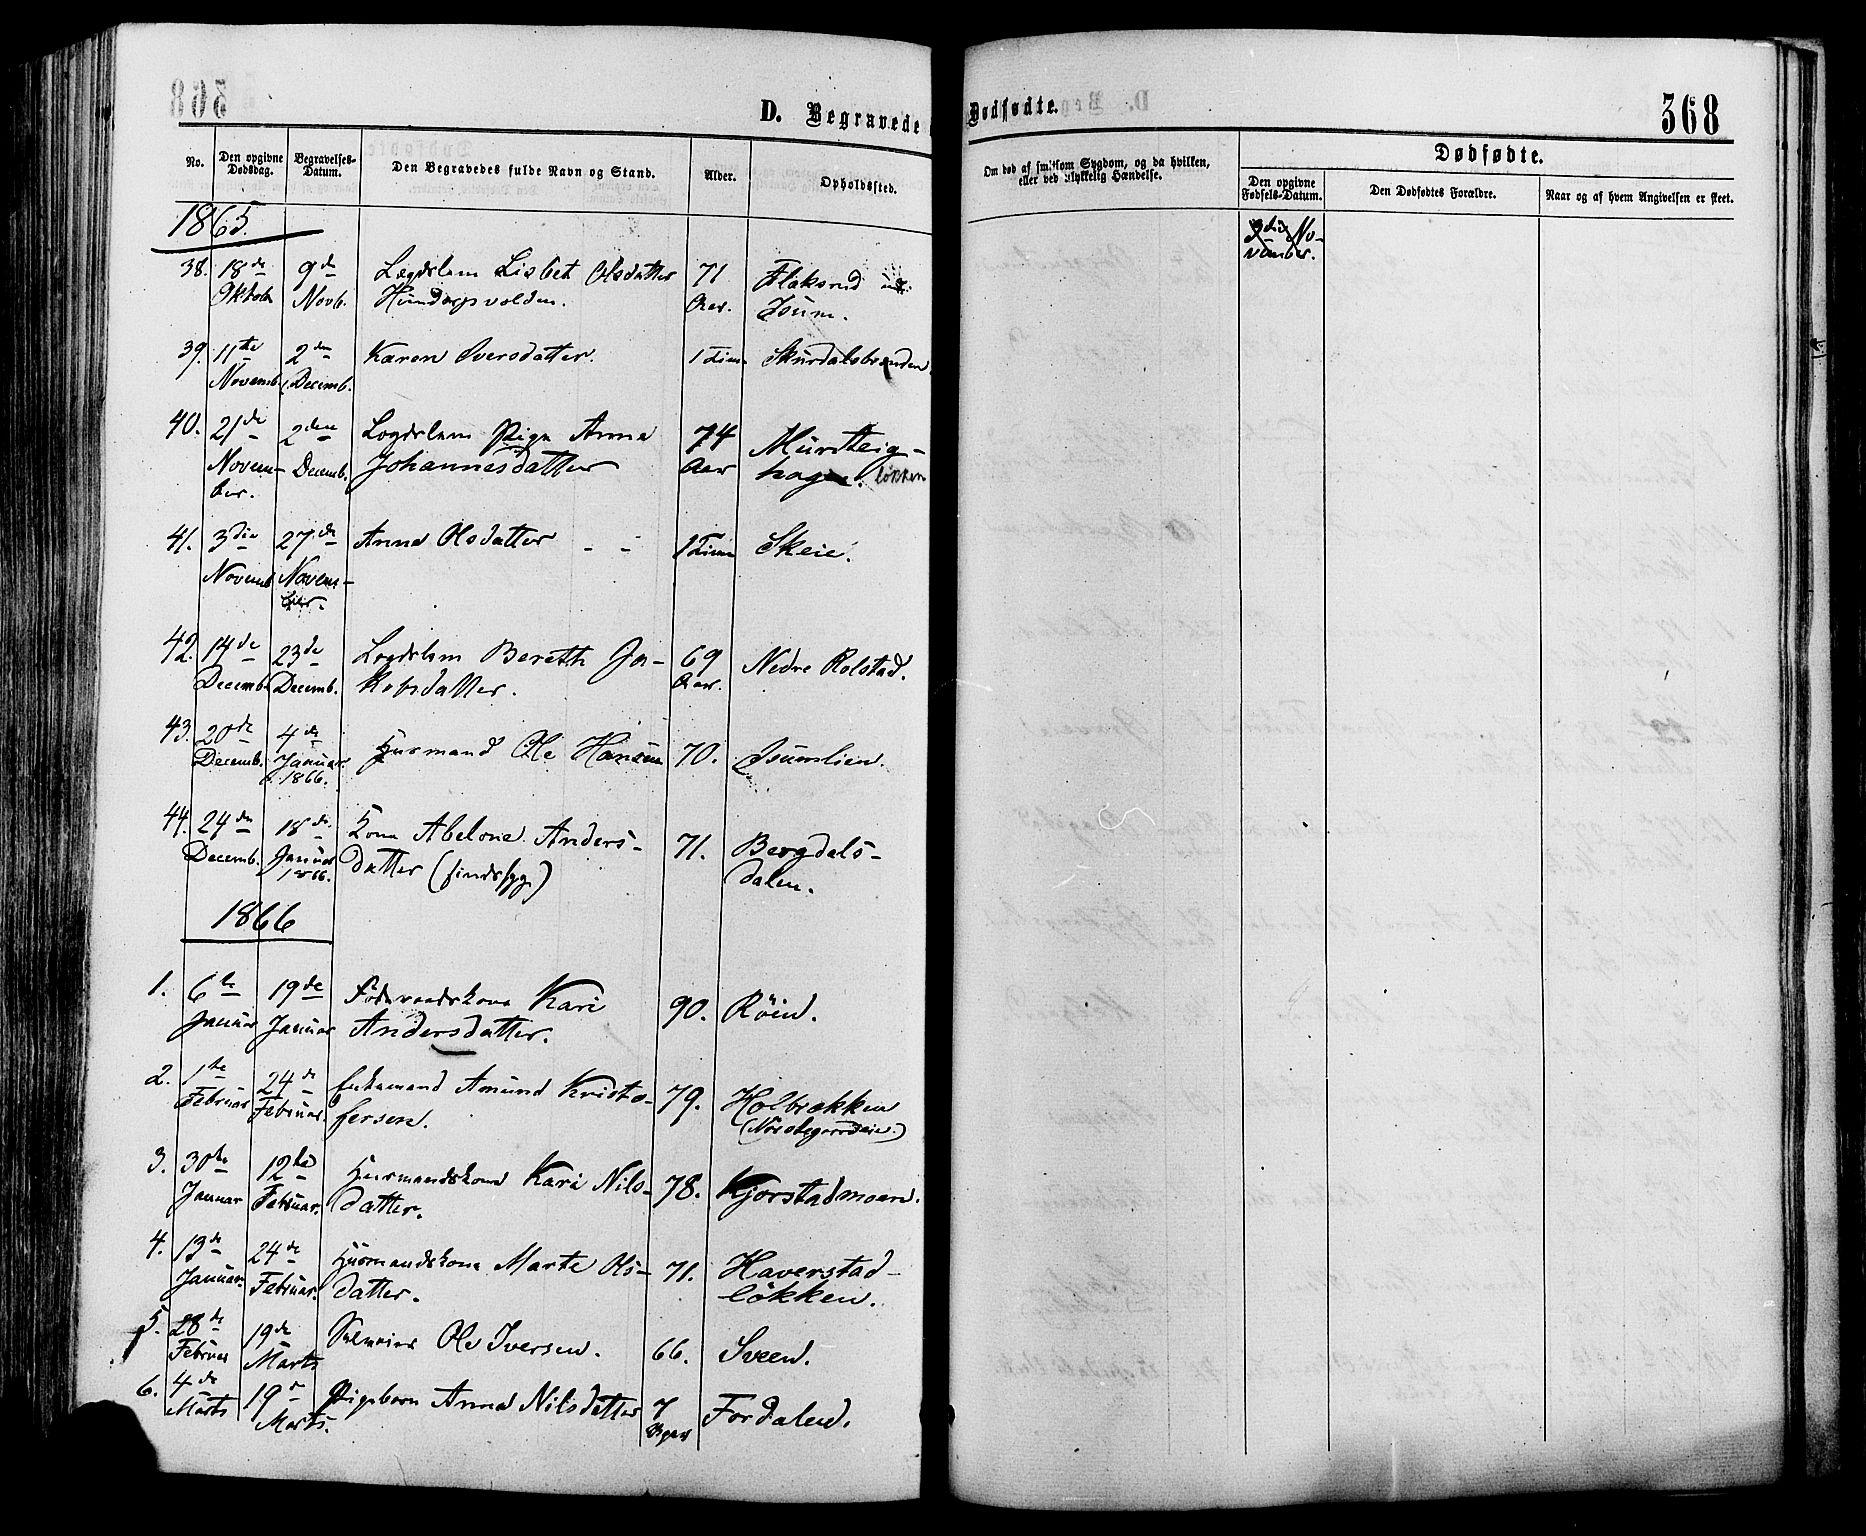 SAH, Sør-Fron prestekontor, H/Ha/Haa/L0002: Ministerialbok nr. 2, 1864-1880, s. 368